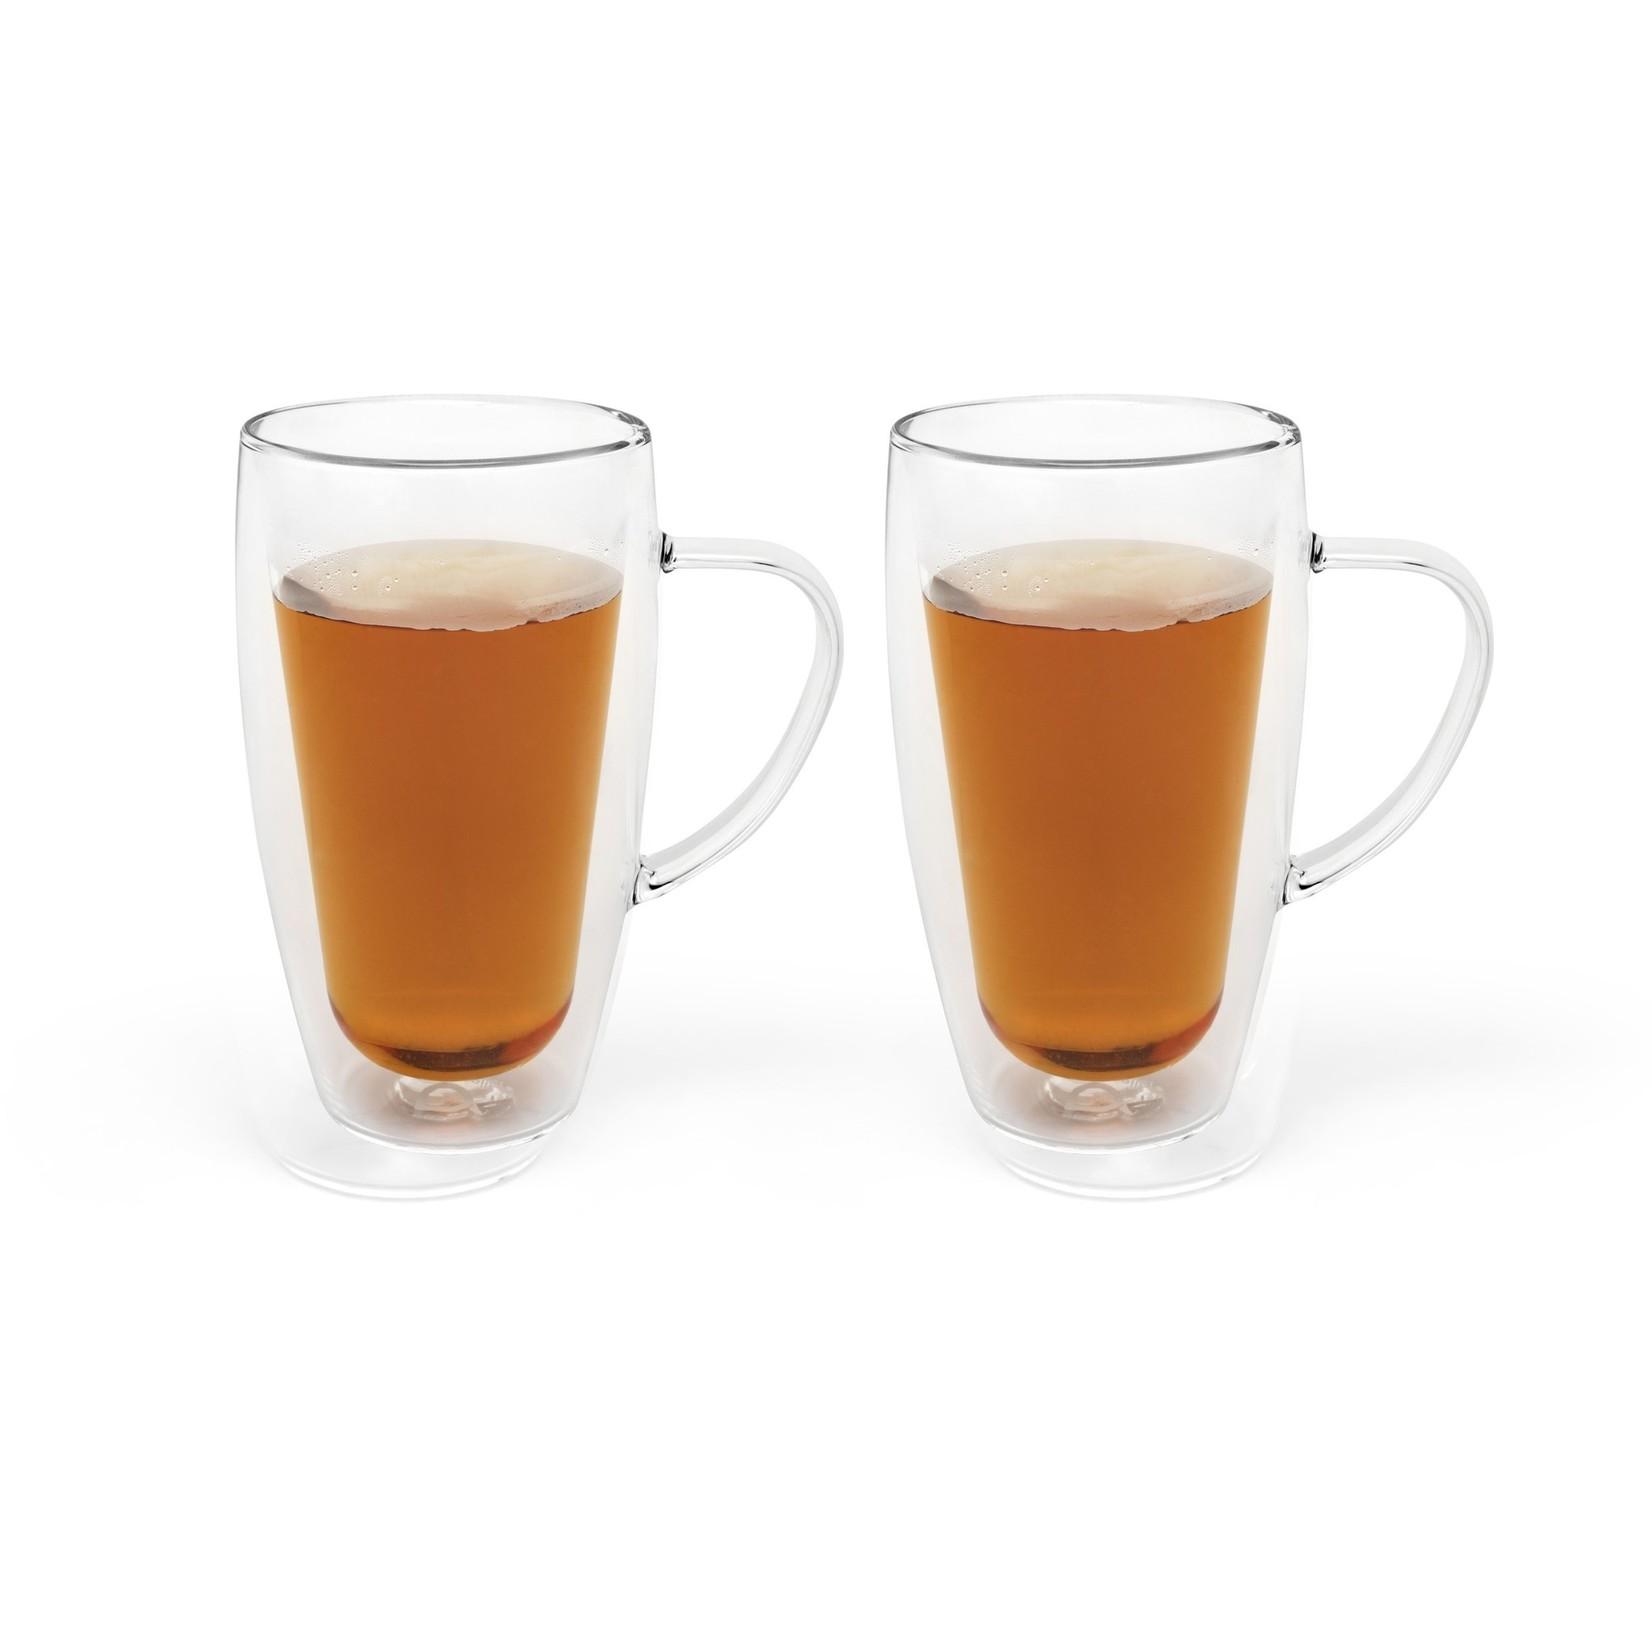 Bredemeijer Bredemeijer Duo drinkglas Set/2 dubbelwandig glas koffie/thee 295ml